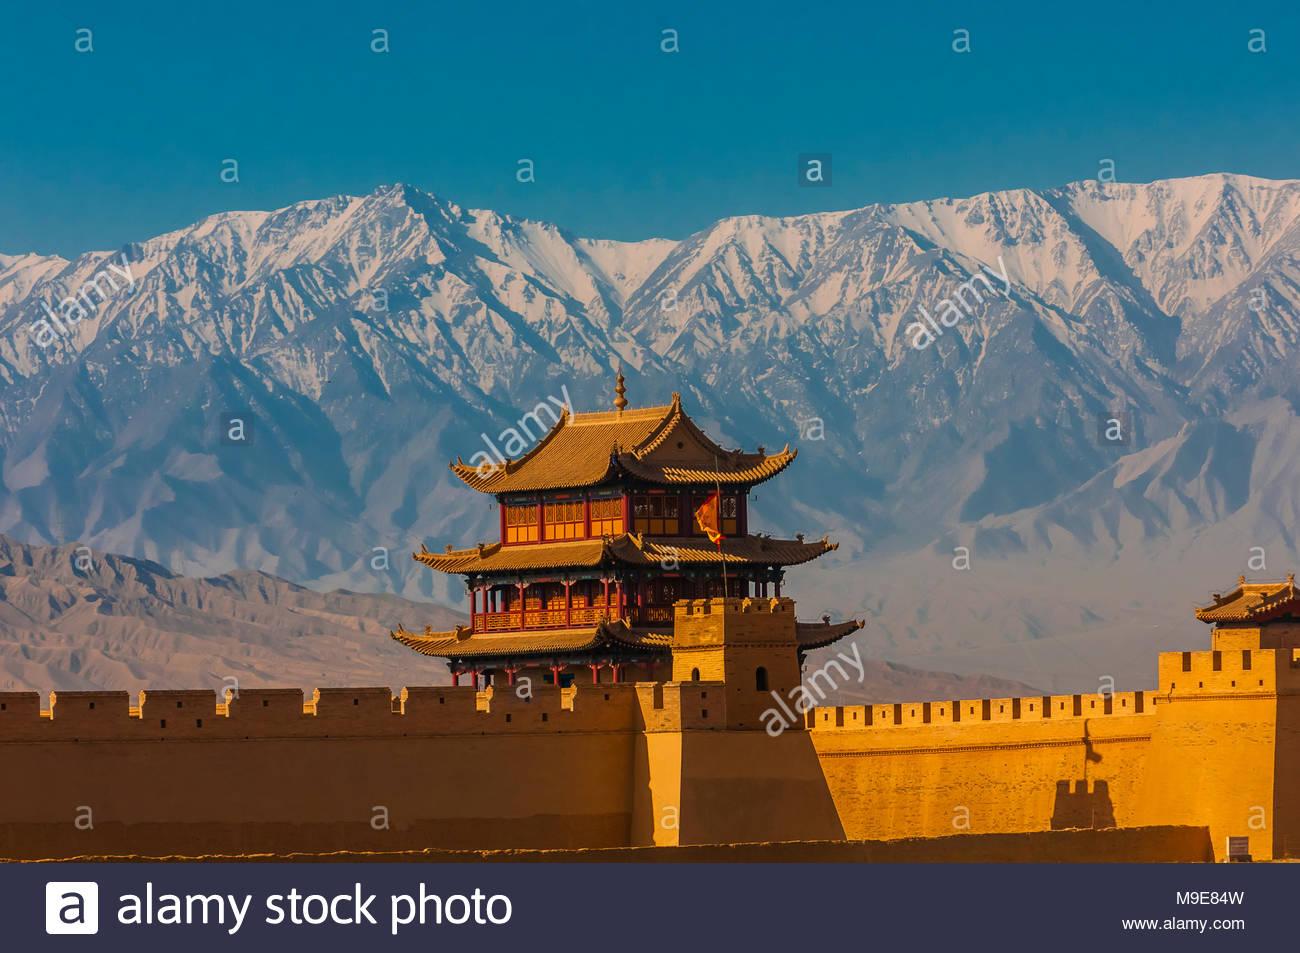 Fort de Jiayuguan est l'extrémité ouest de la Grande muraille construite durant la dynastie Ming (1368 - 1644). C'était une importante forteresse militaire et des waypoint o Photo Stock